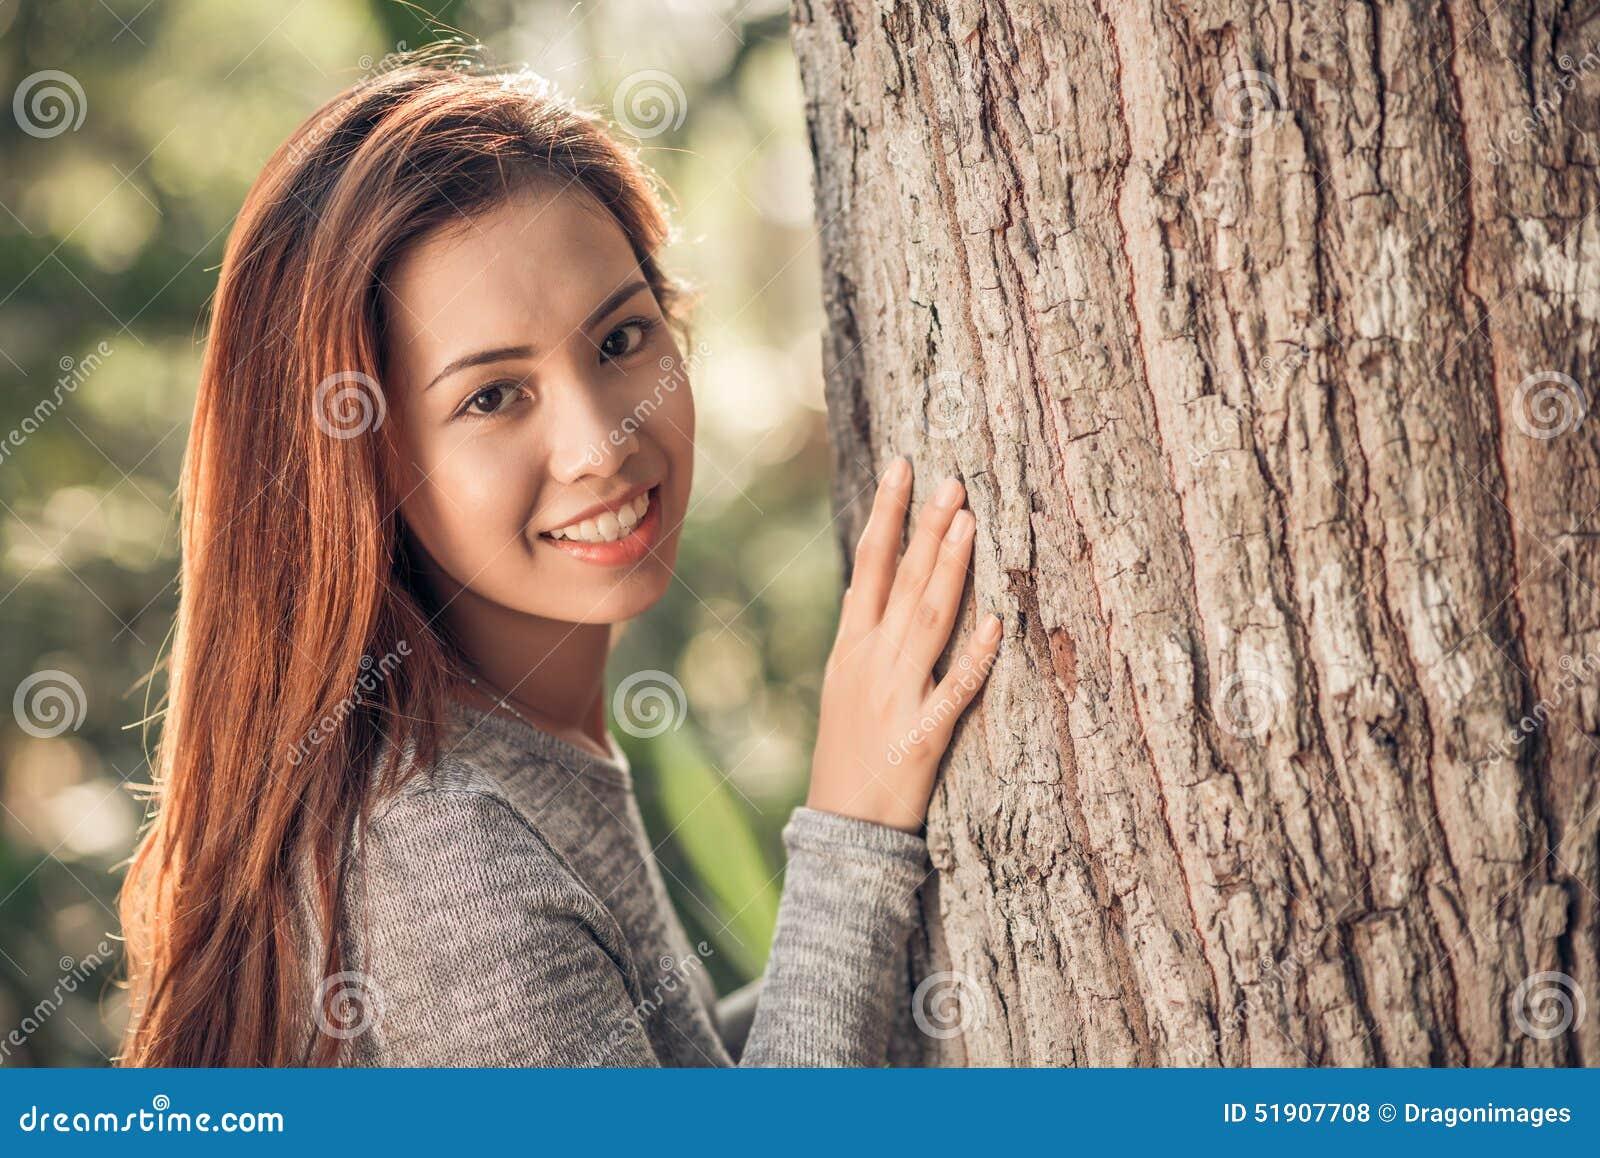 Chica humillada en el bosque